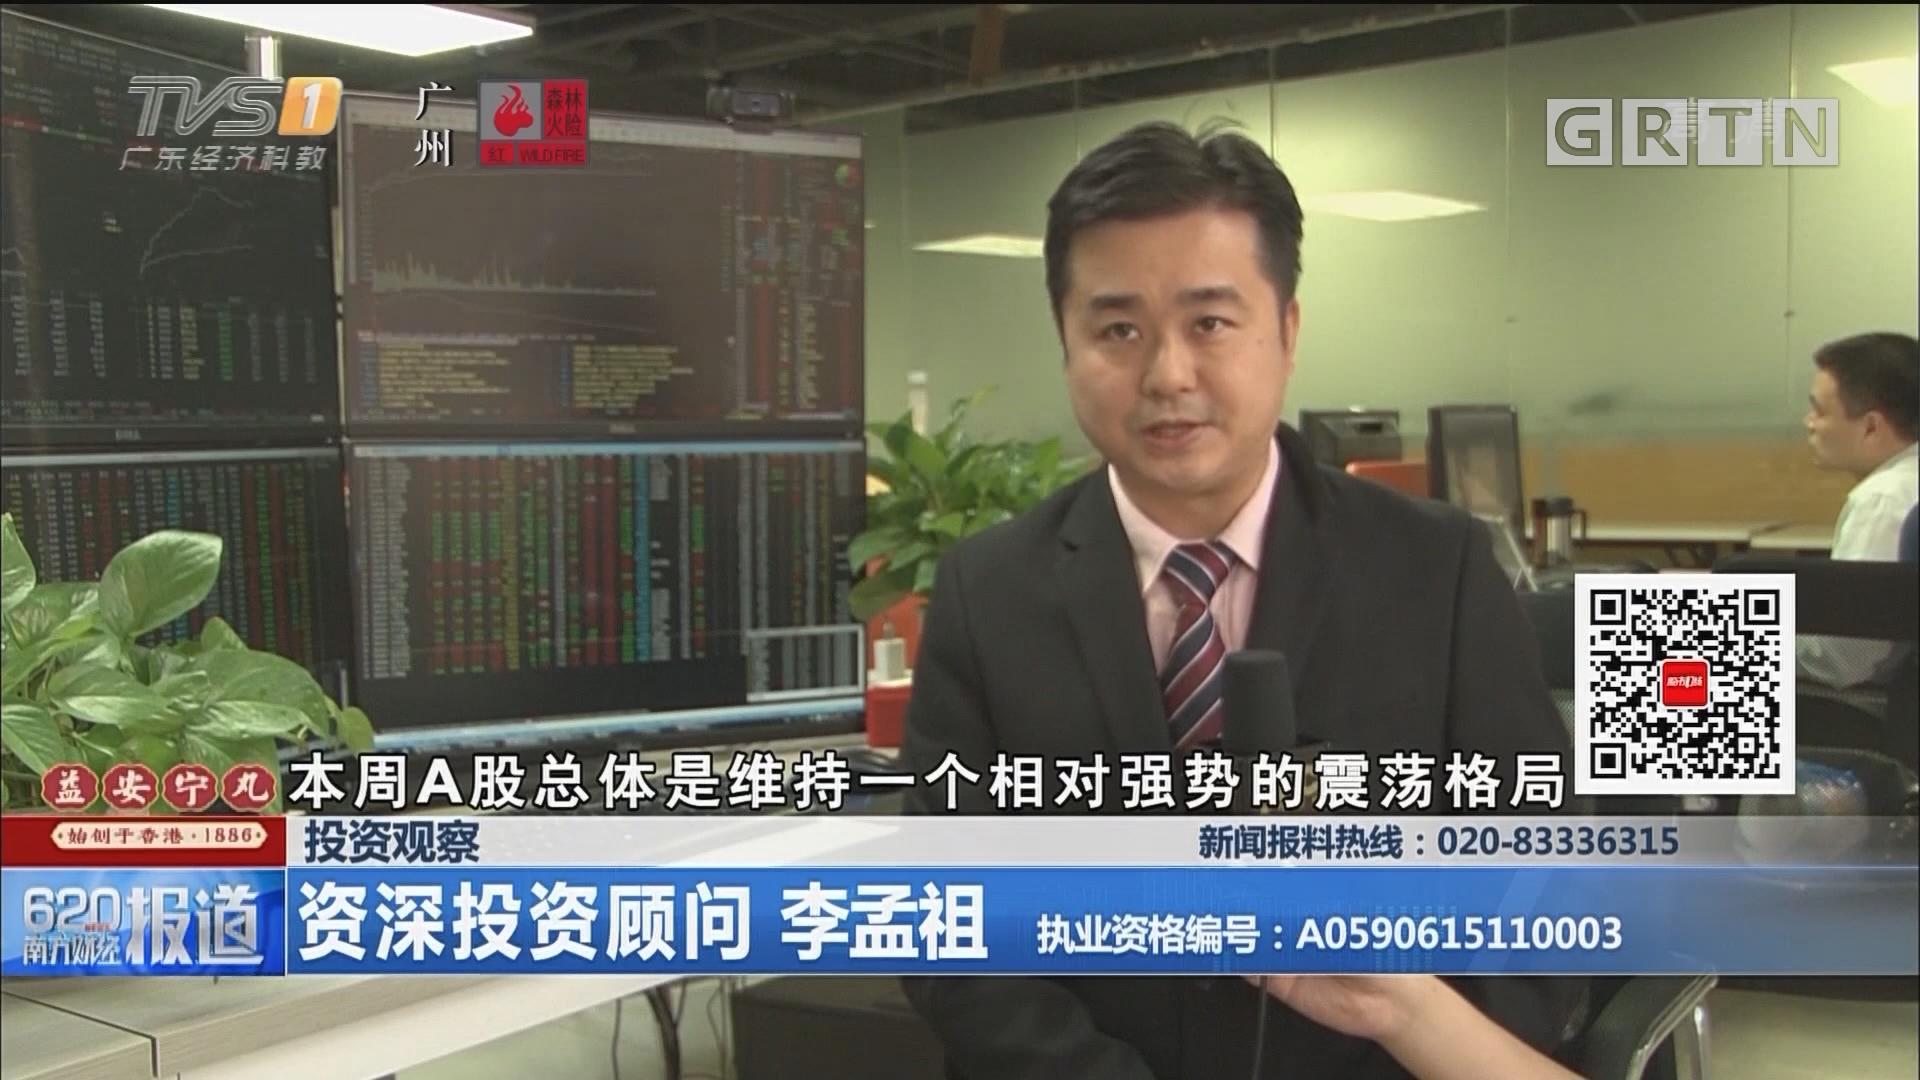 投资观察:资深投资顾问 李孟祖